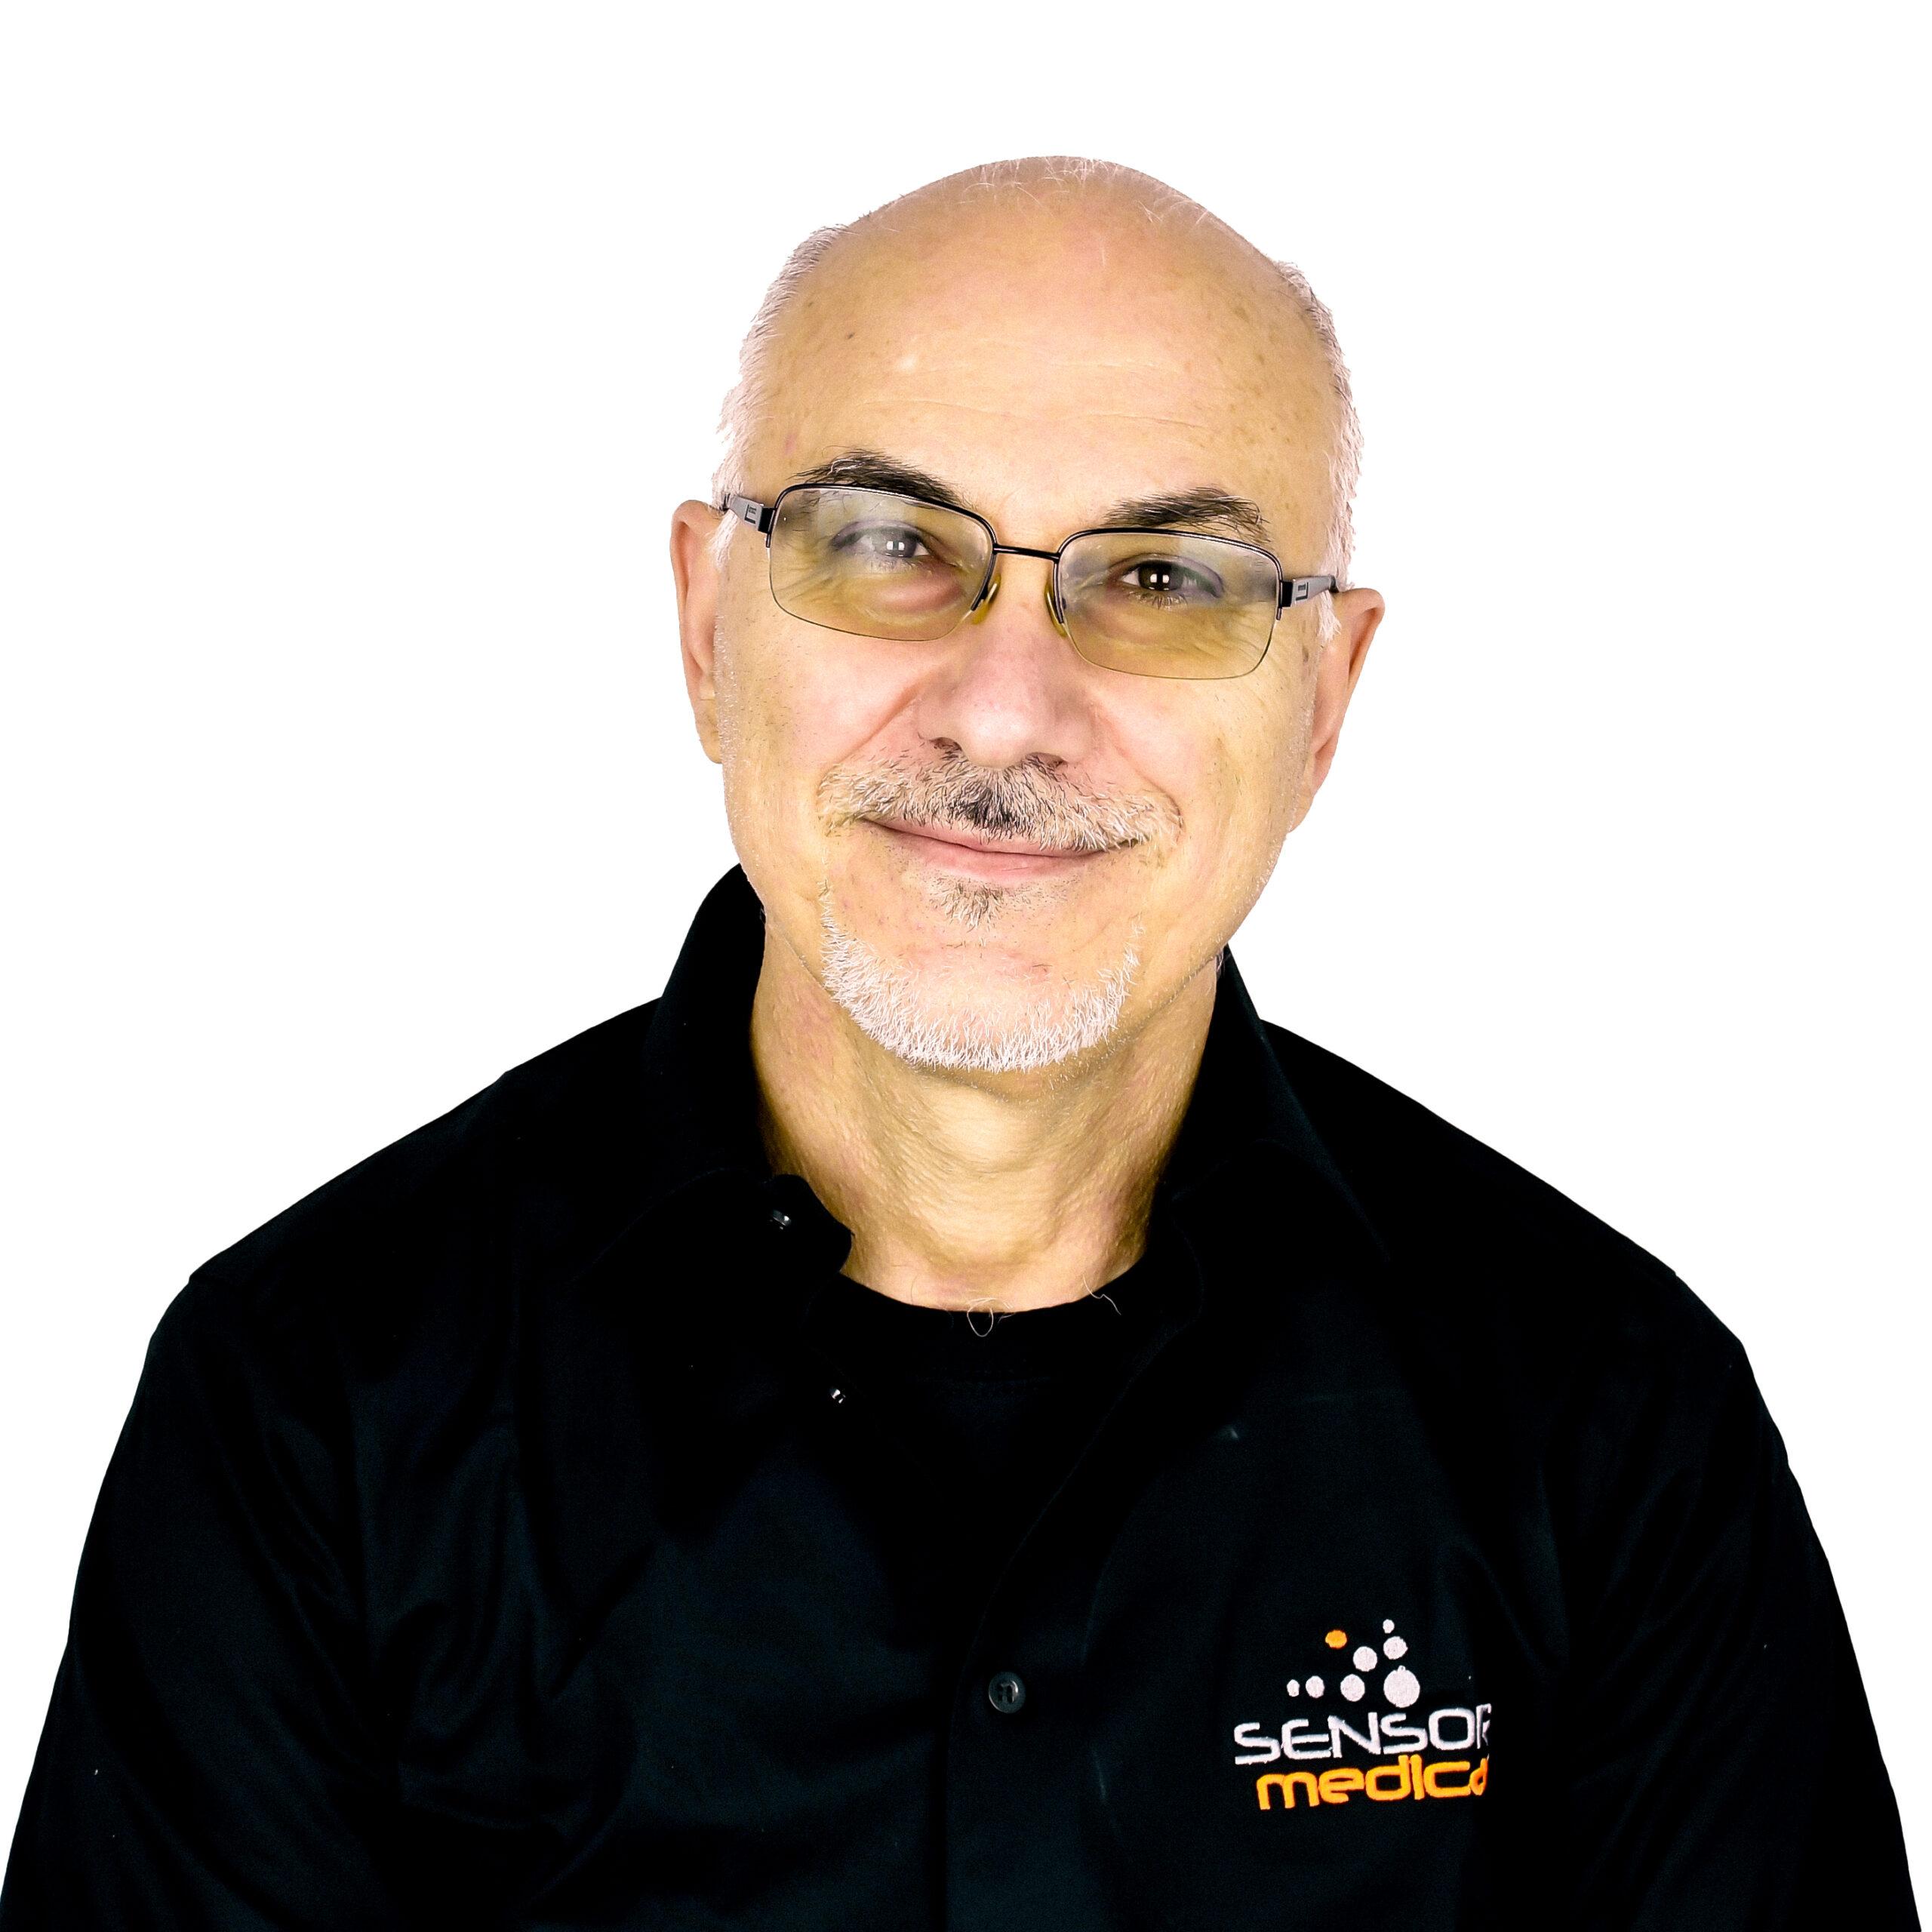 Vito Provenzano